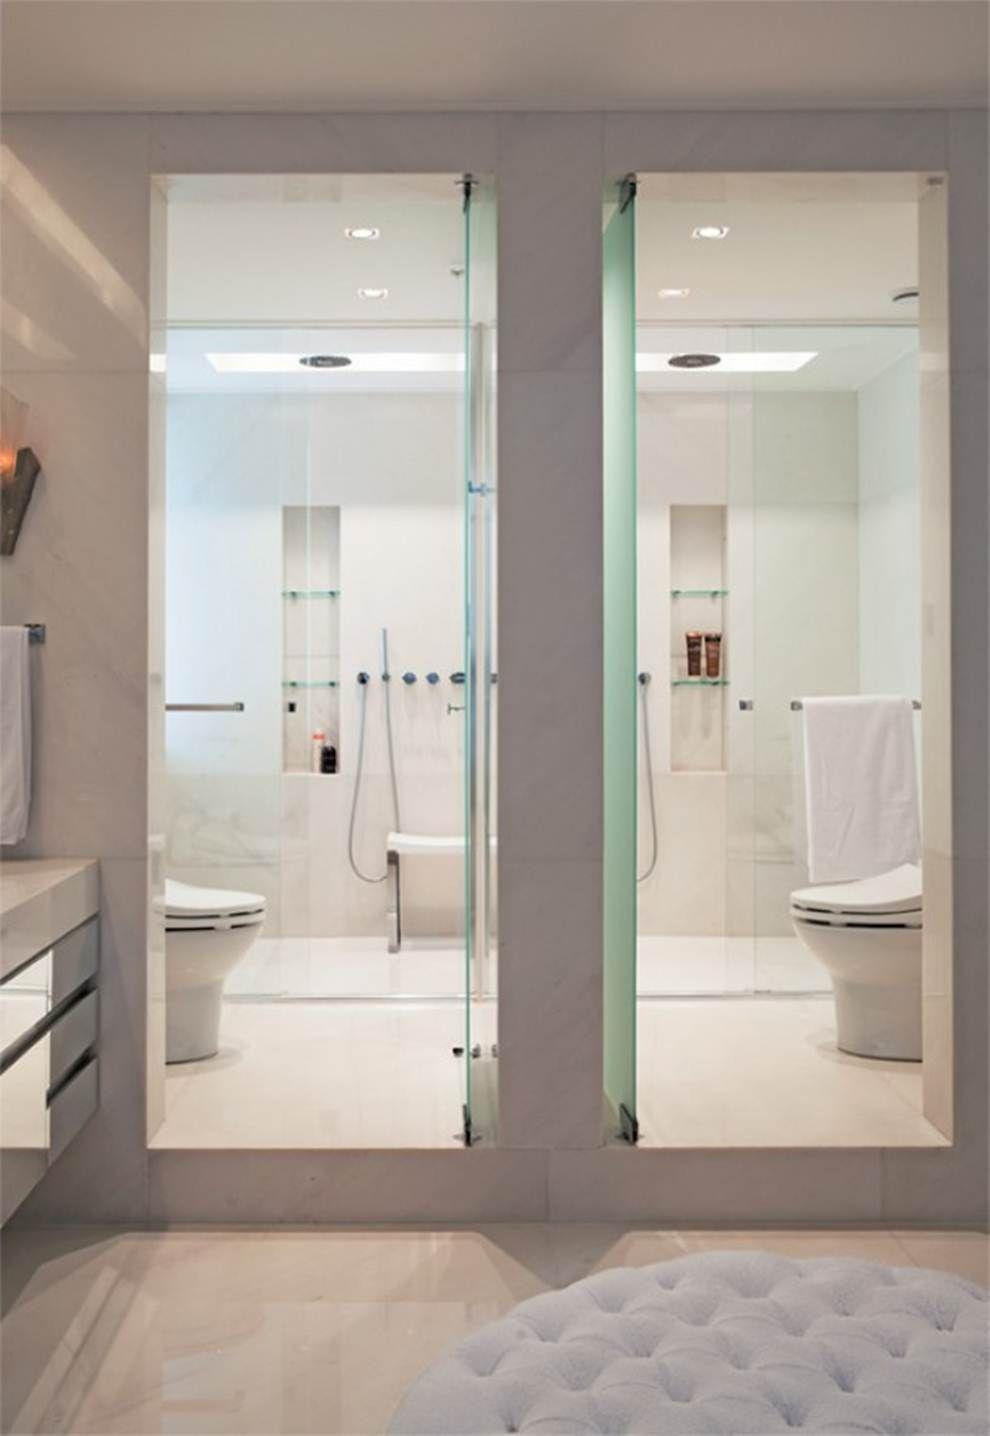 Porta de vidro para conduzir à área do banho